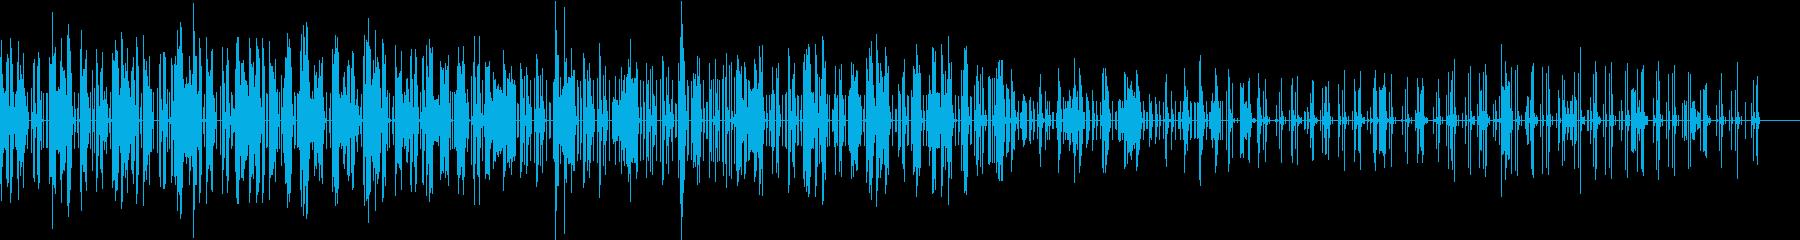 クールな現代風ノイズテクノの再生済みの波形